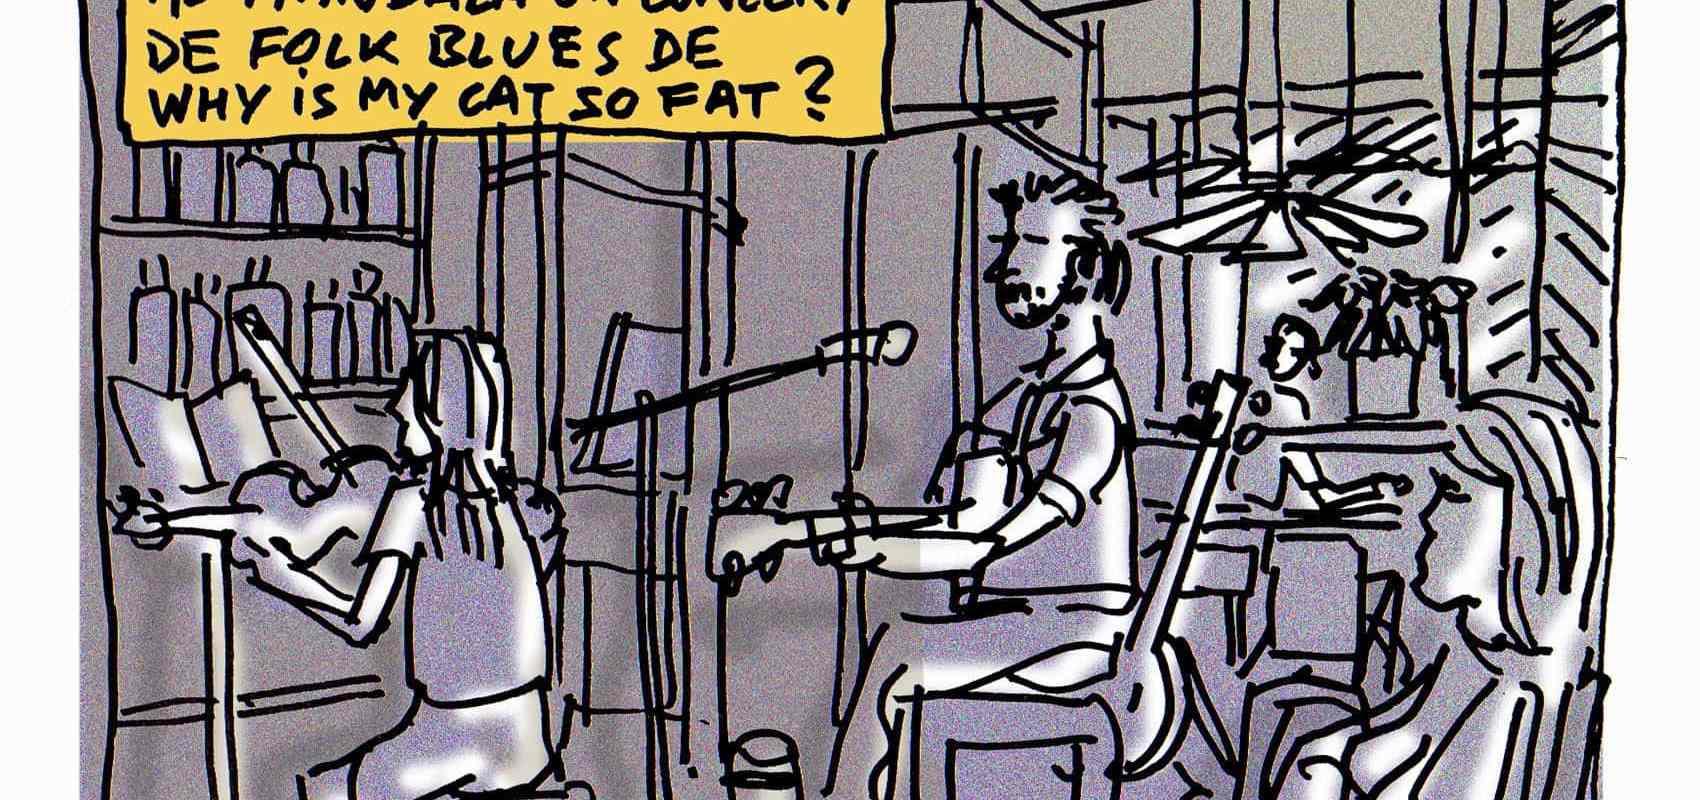 Why my cat is so fat? Du folk blues au Mandala